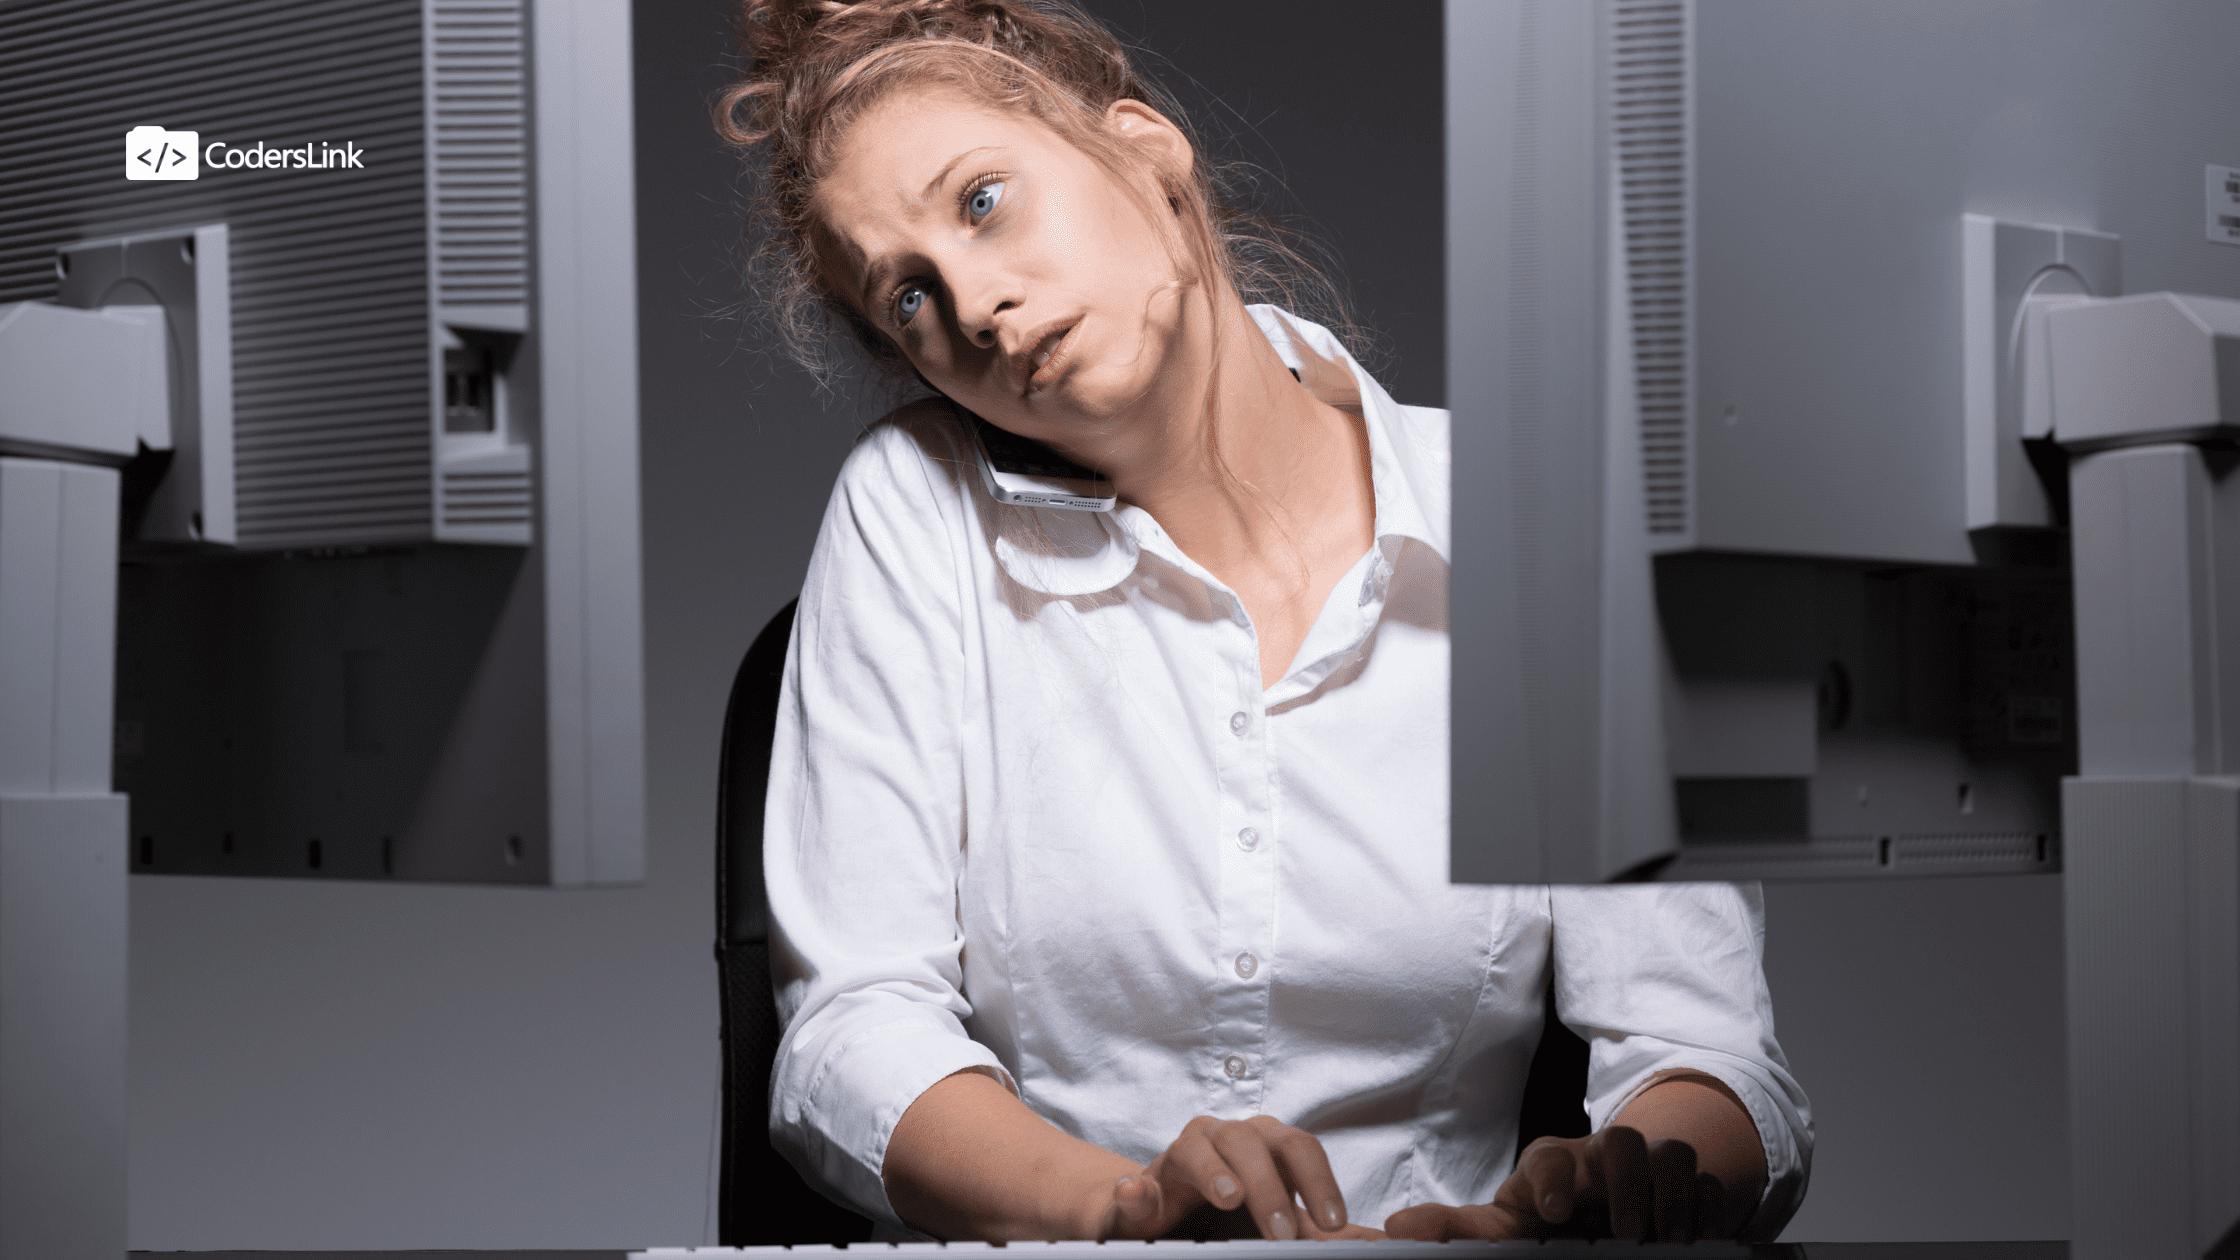 Si estás considerando la posibilidad de tener dos trabajos al mismo tiempo, te ofrecemos una breve guía que te ayudará a tomar esta importante decisión en tu vida laboral.